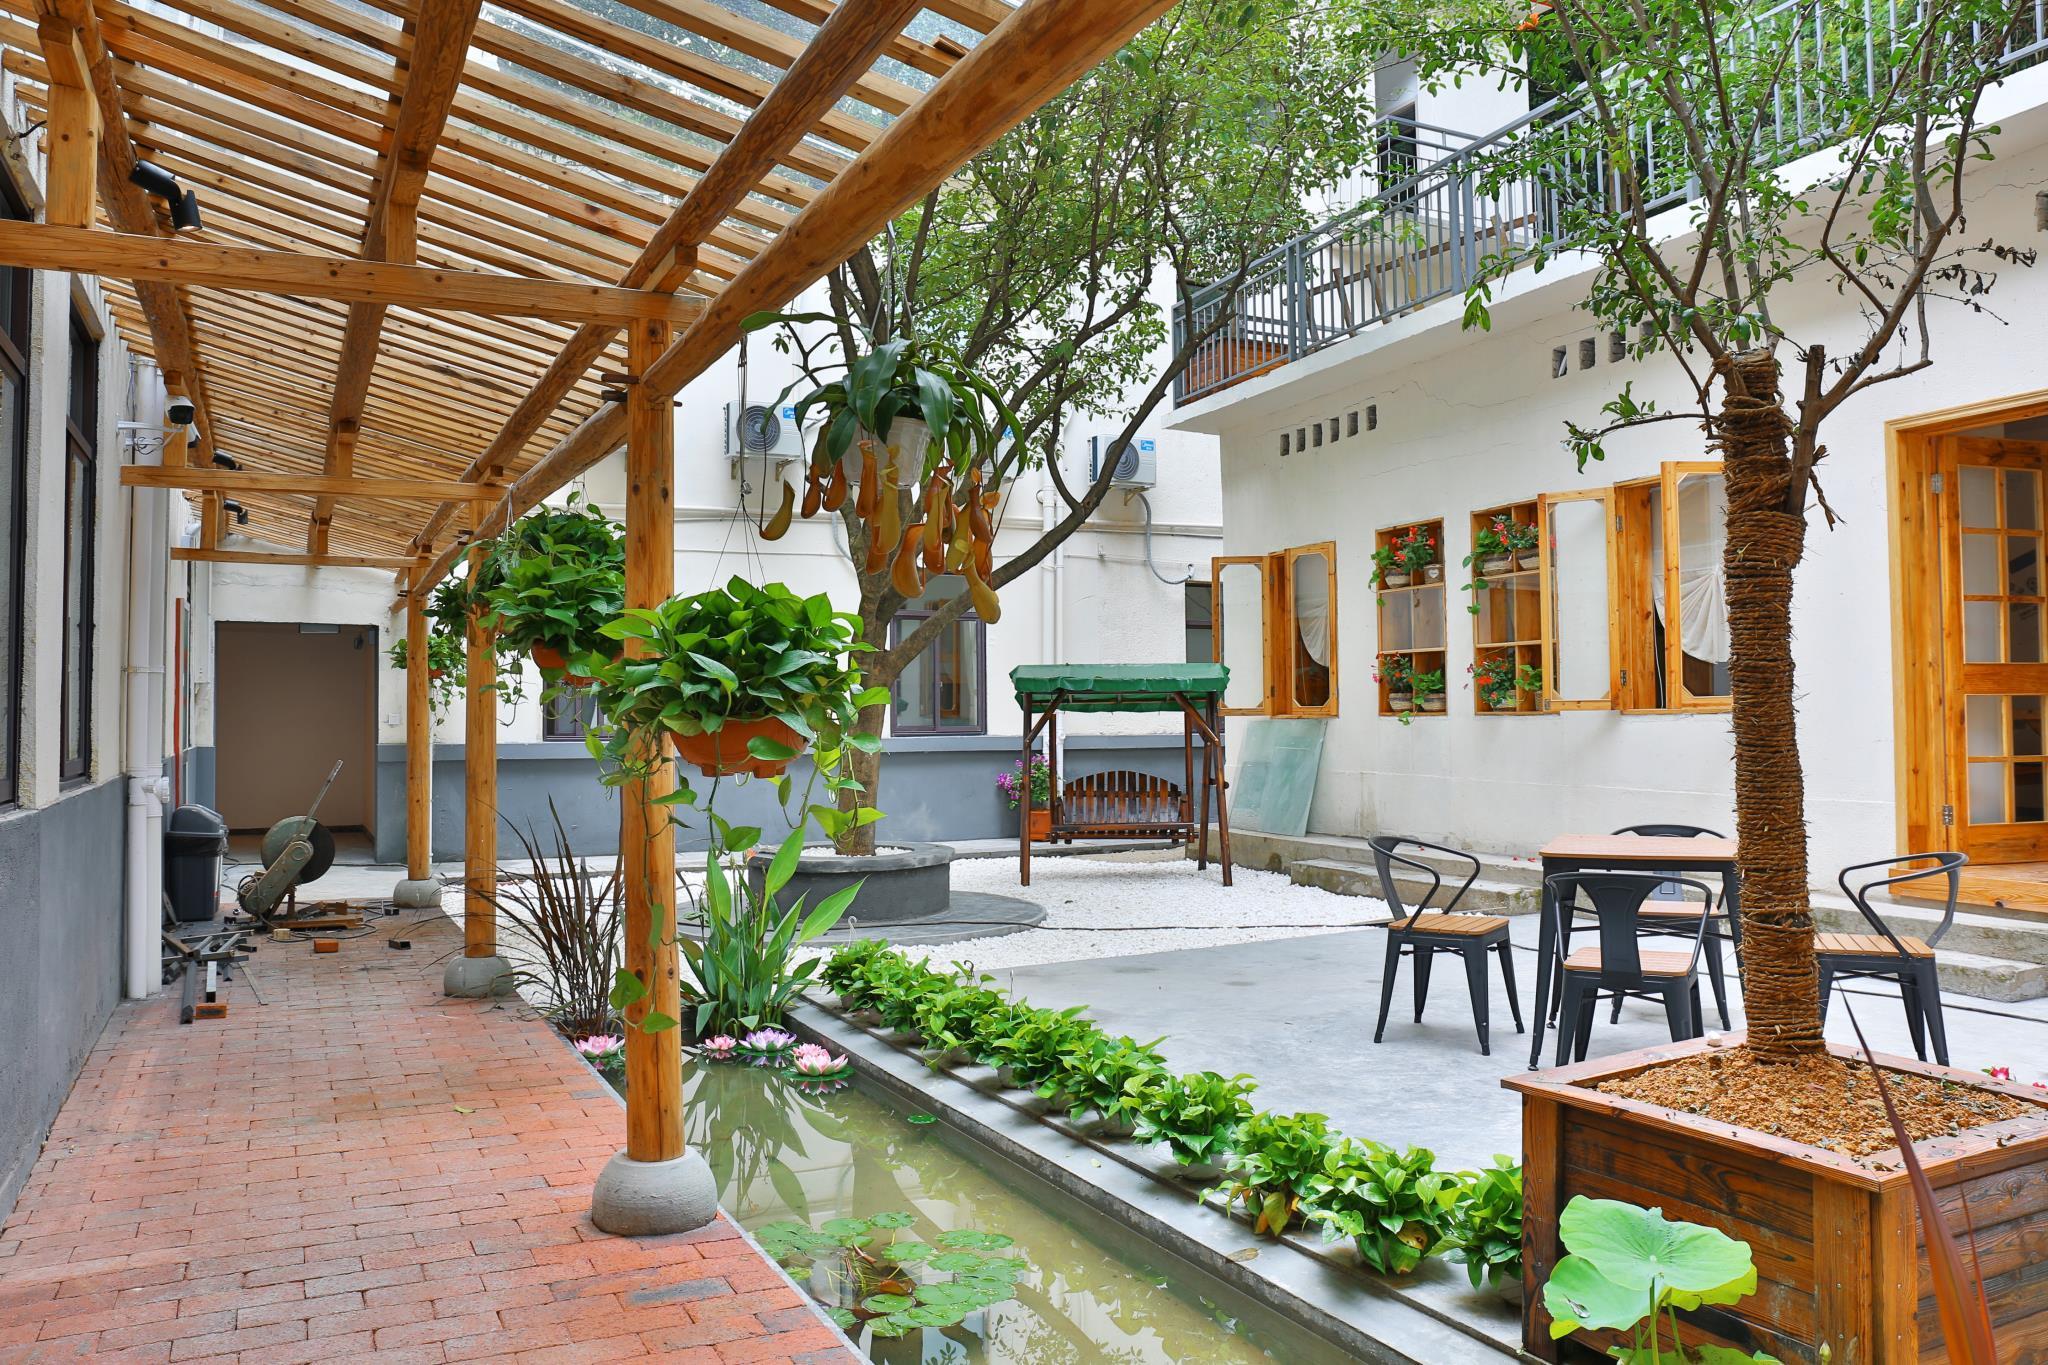 Qiandaohu Blue Mountain Youth Hostel